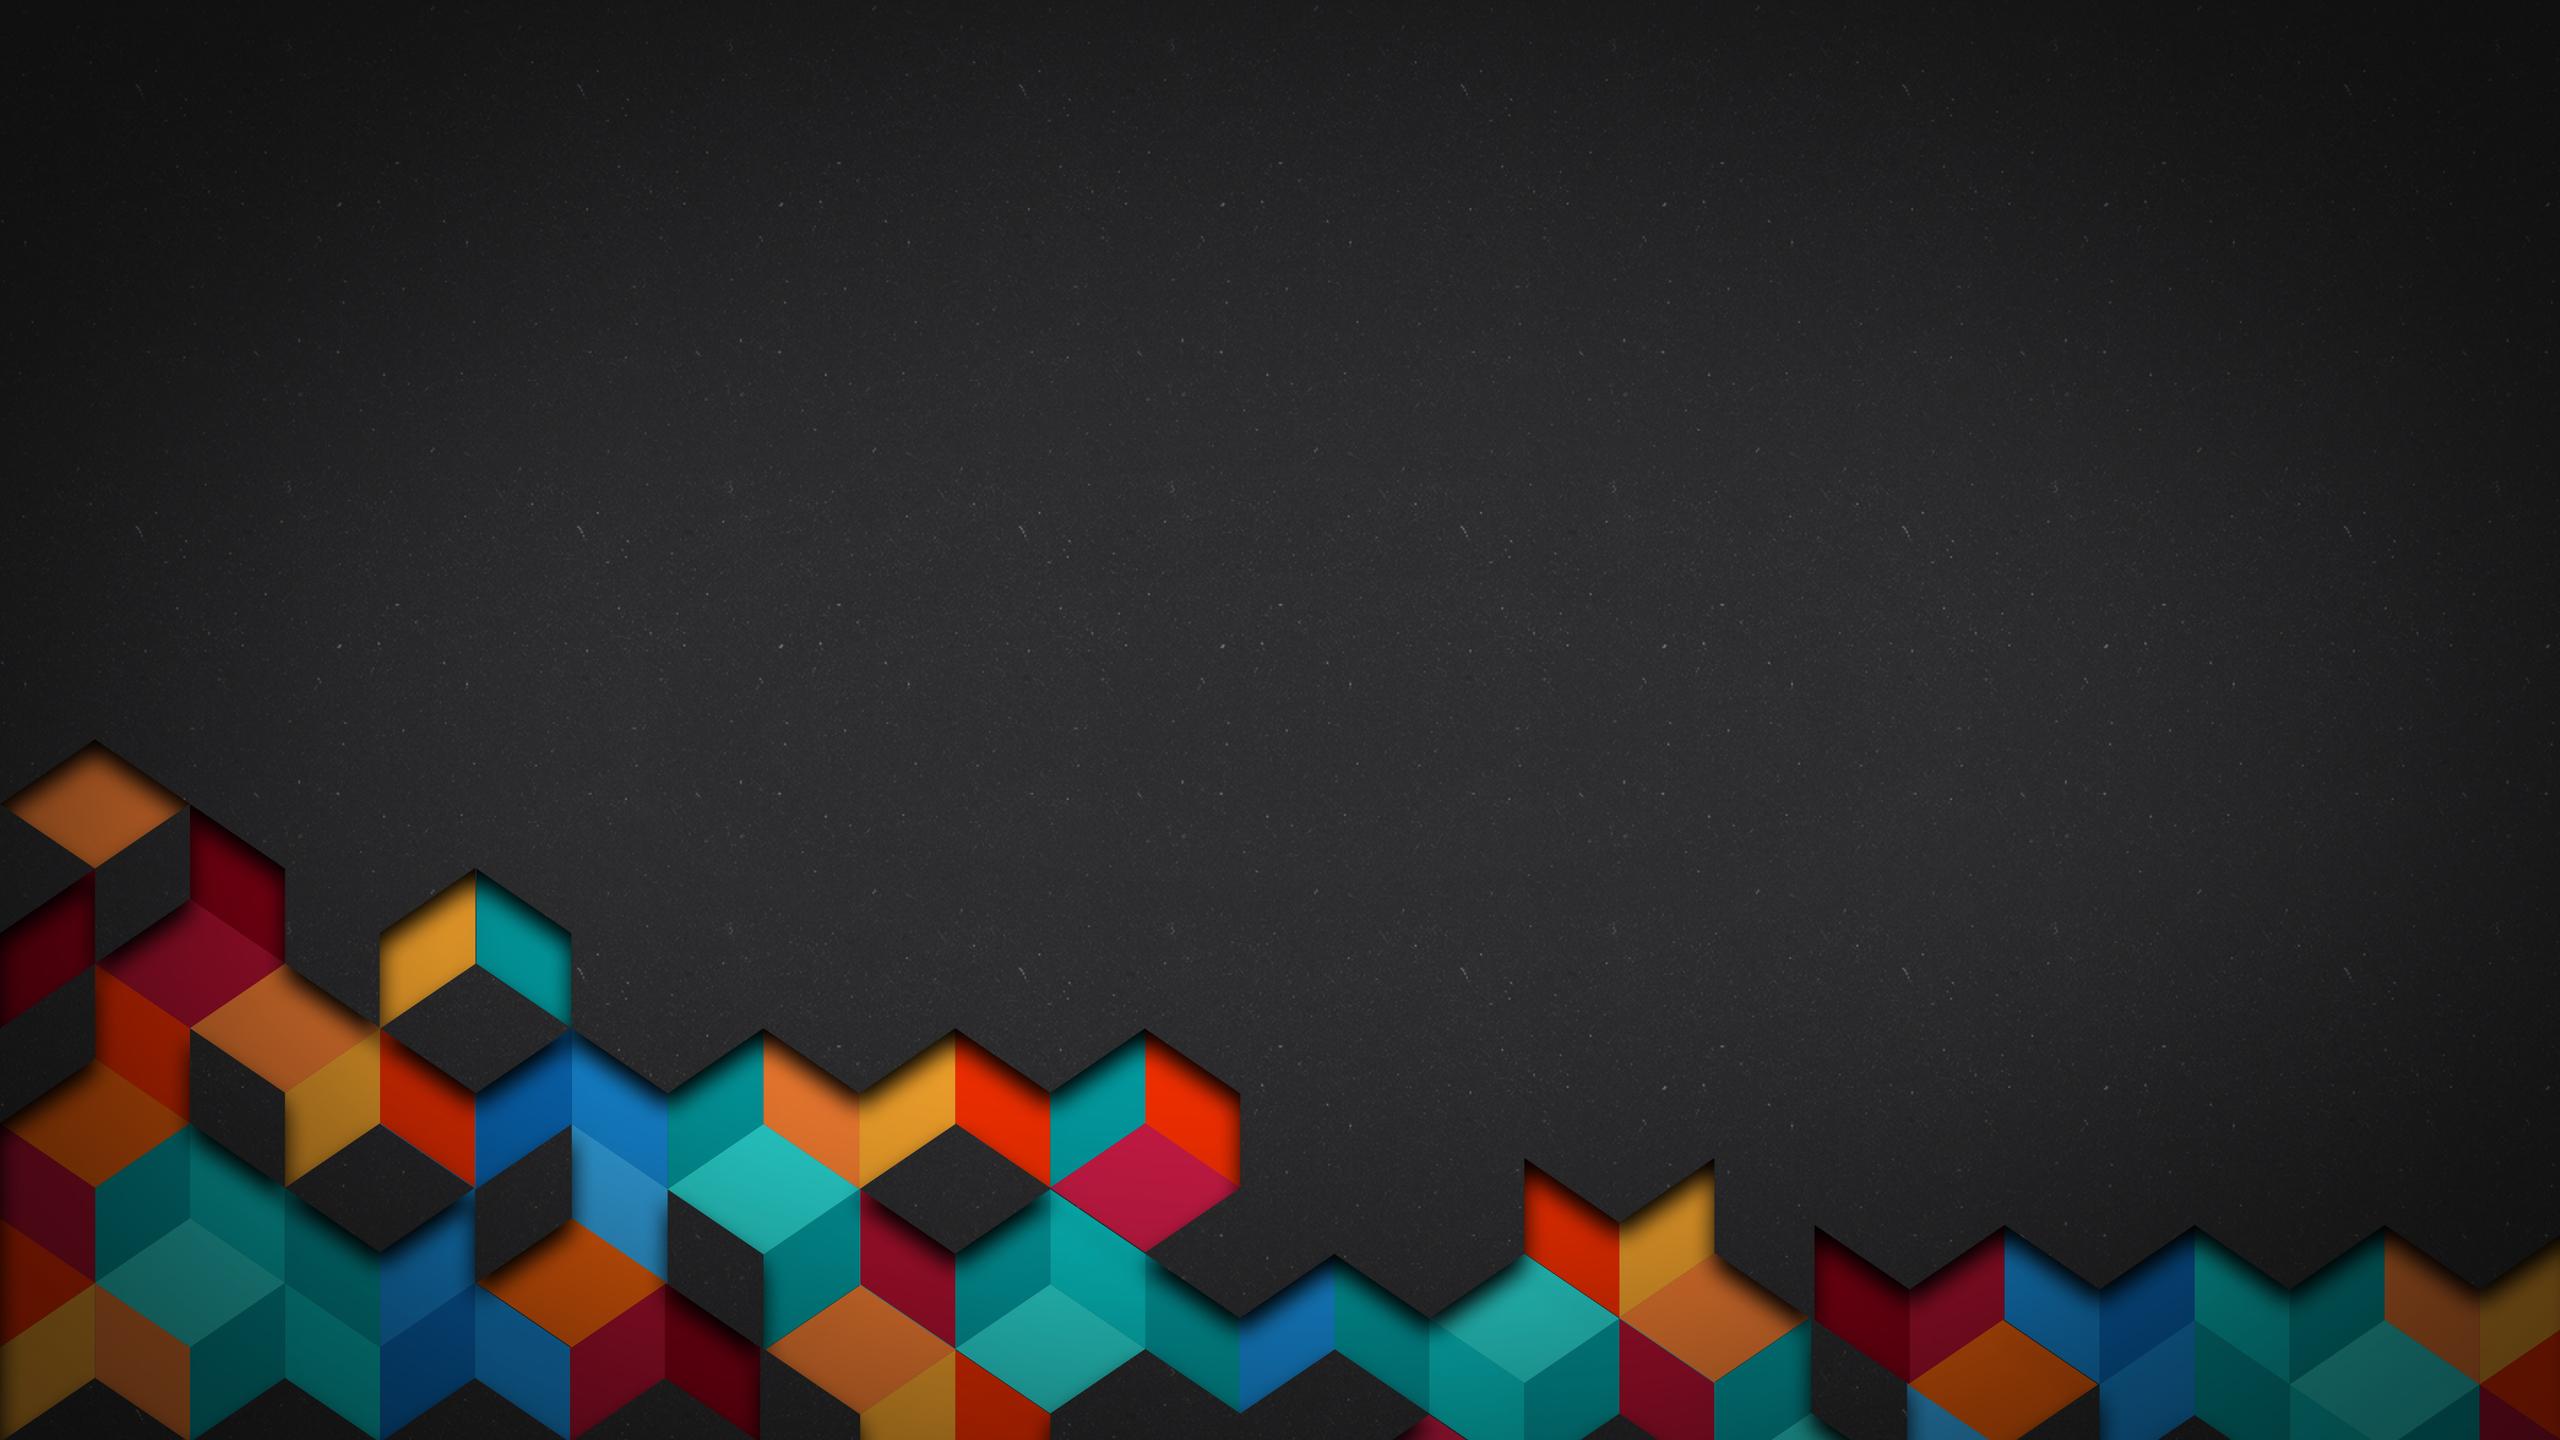 3d-cubes-abstract-diagonals-4k-gg.jpg